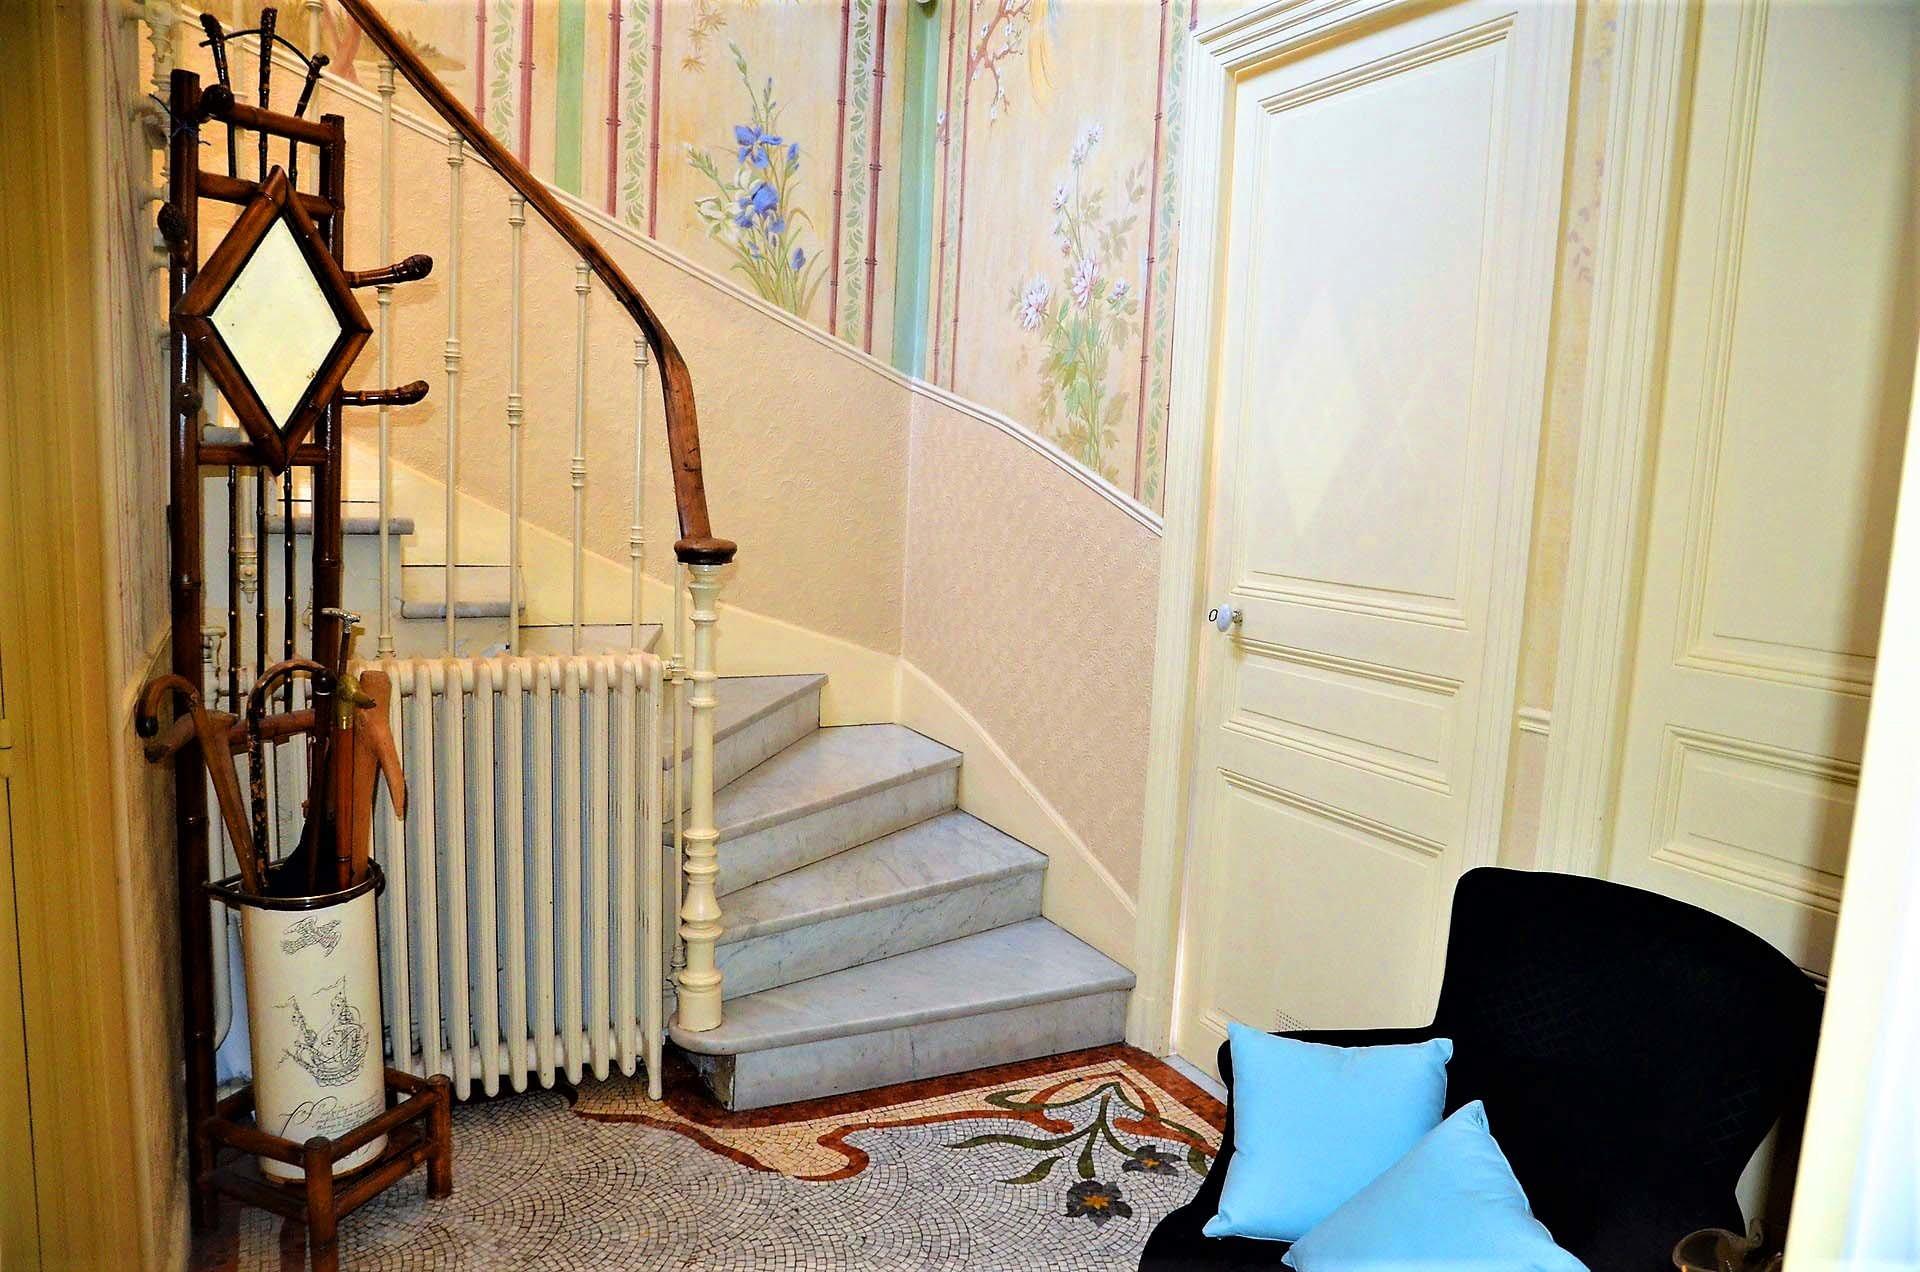 VILLA ARSON Maison bourgeoise